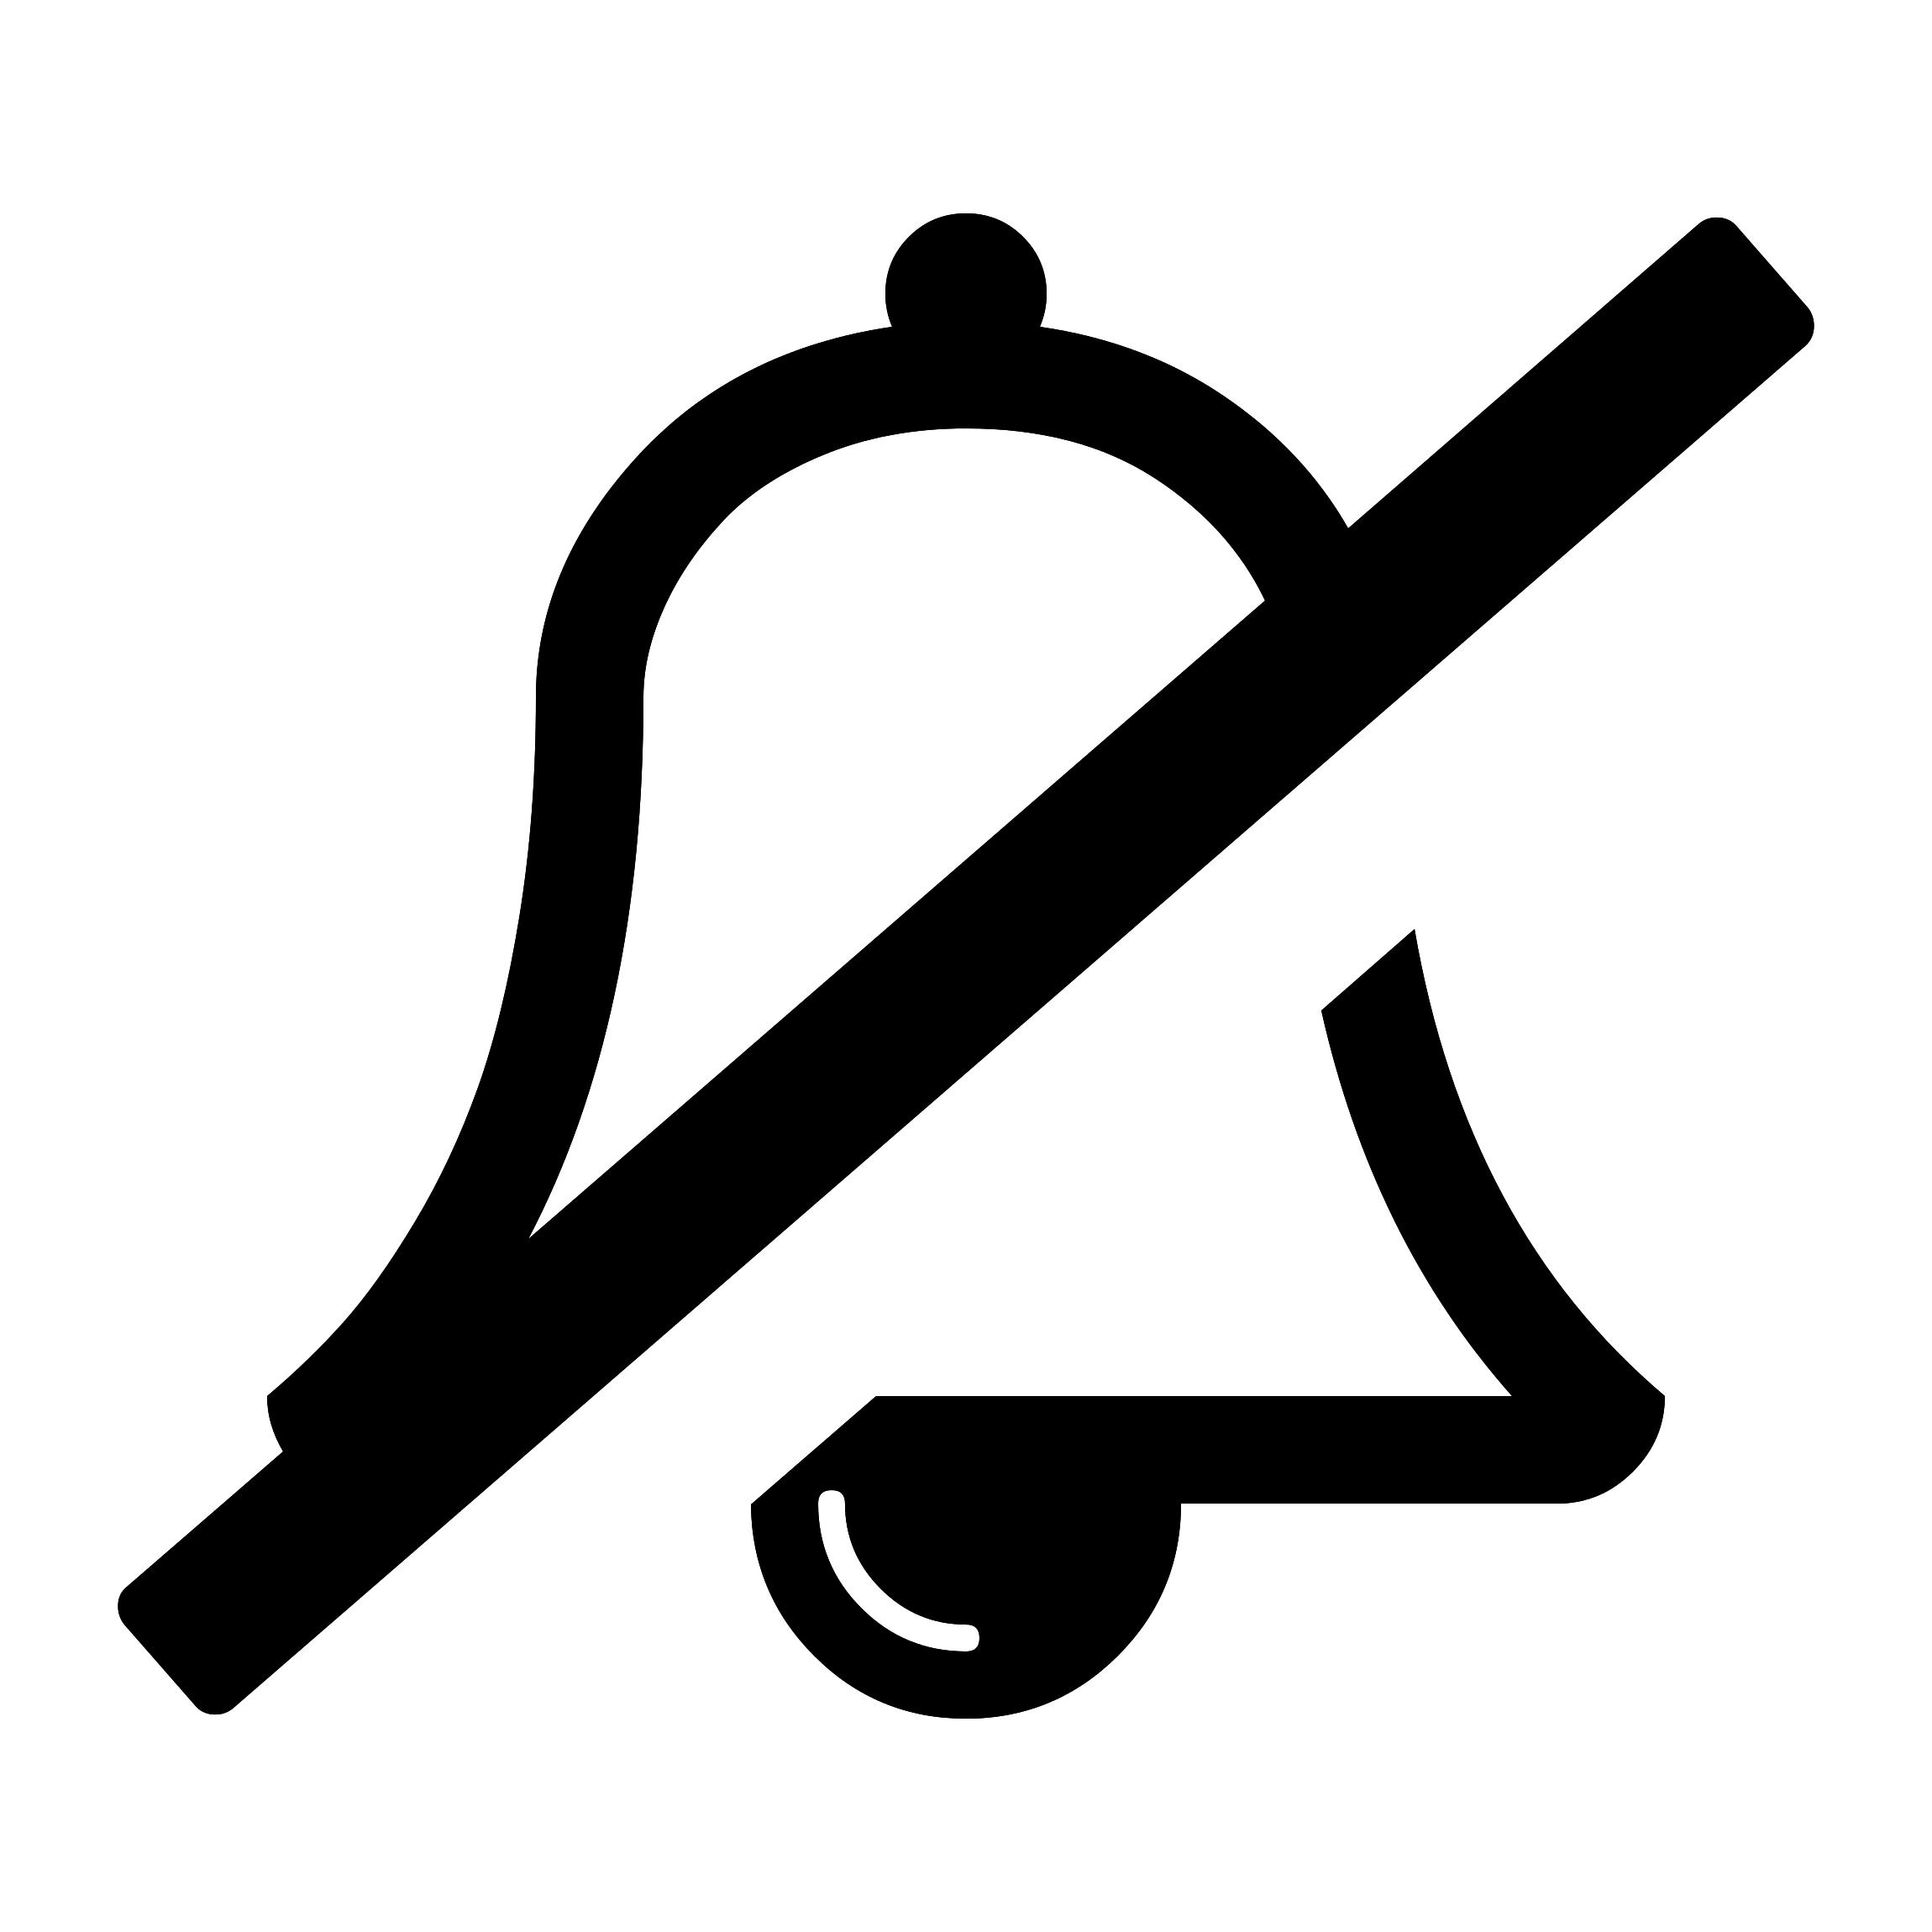 data/images/bell-slash-o.png